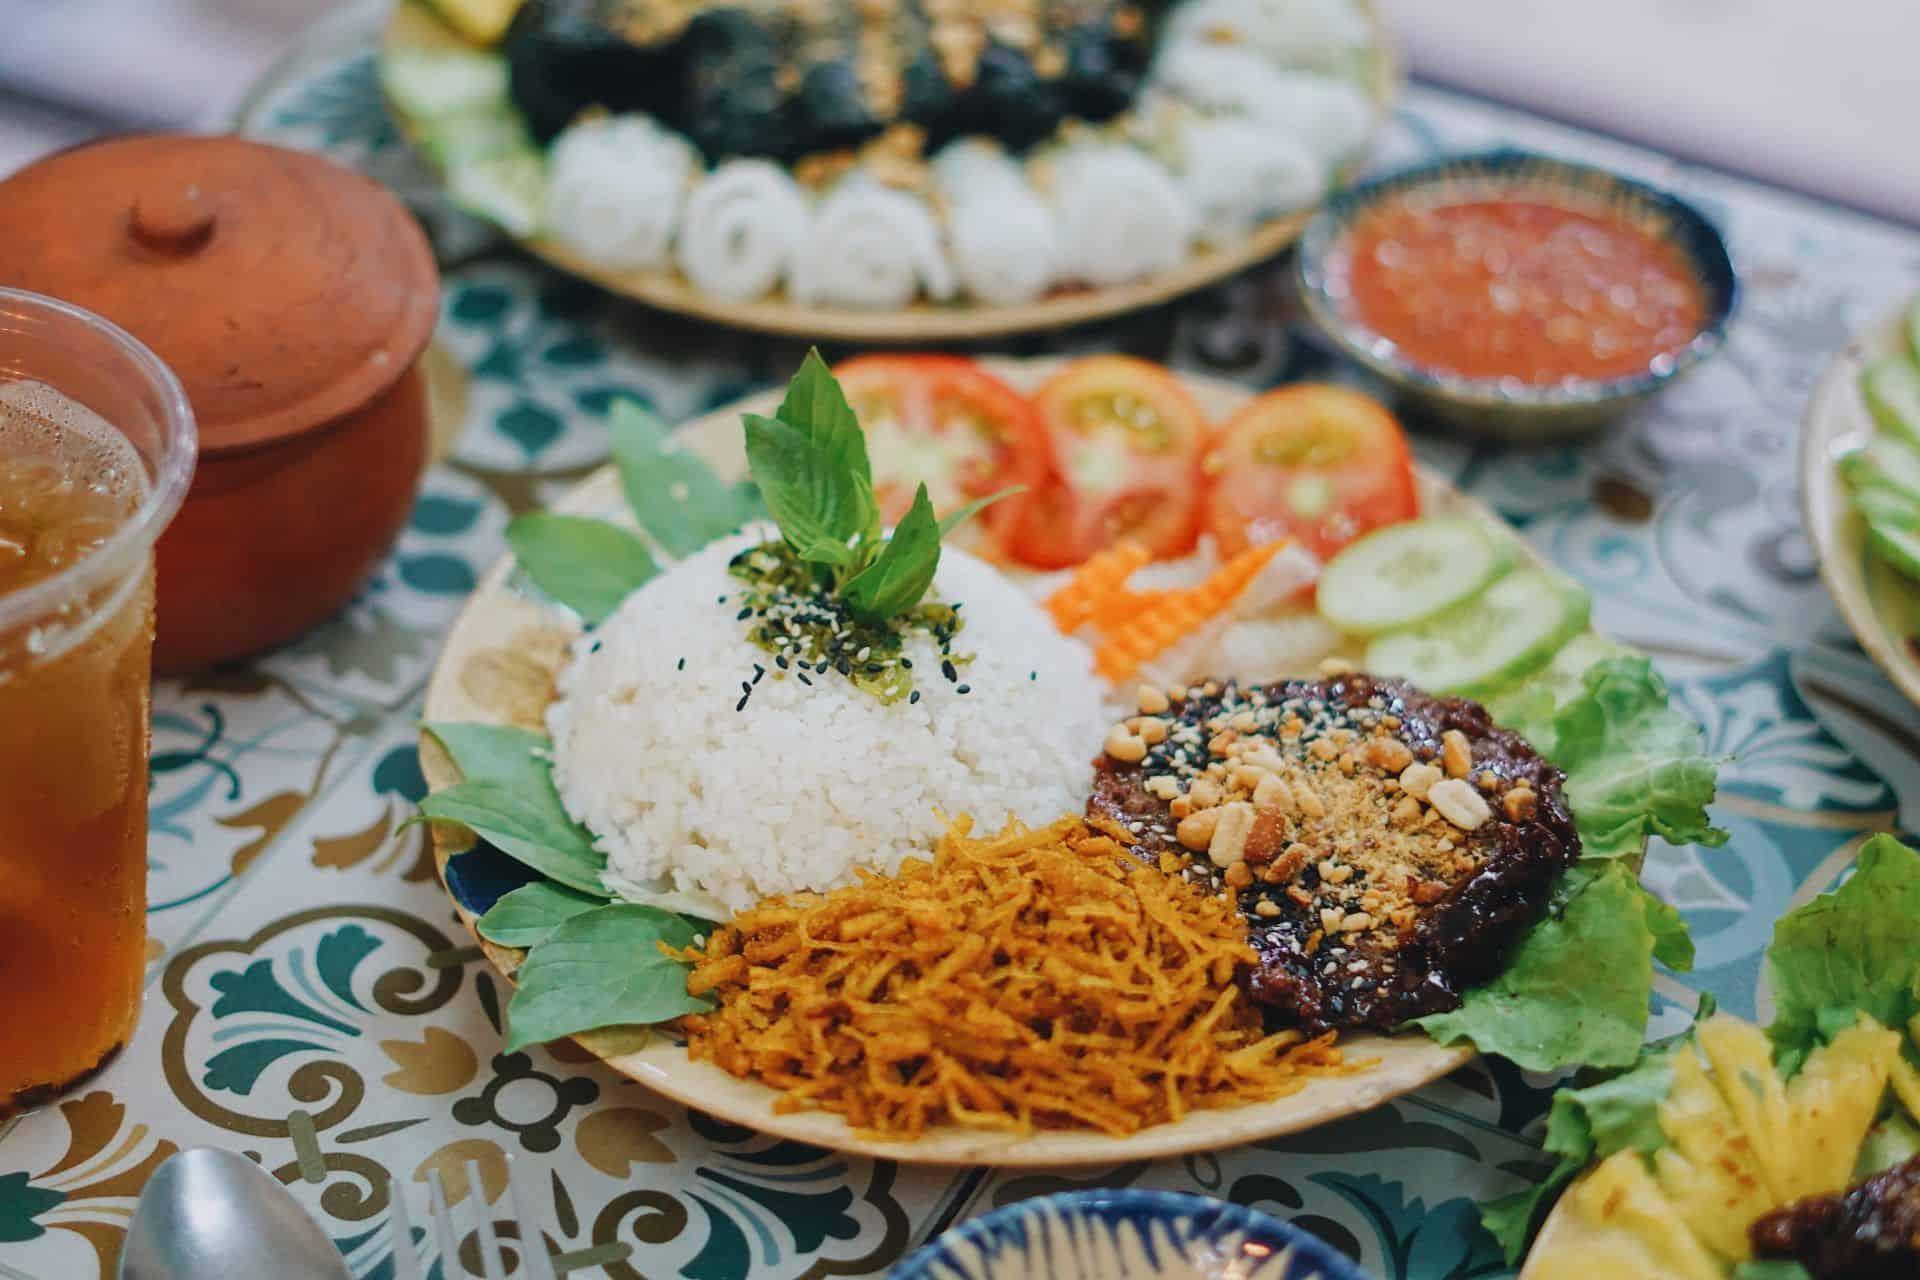 TPHCM] Ngỡ Ngàng Quán Chay Sài Gòn Ngon Hơn Đồ Mặn | Grab VN